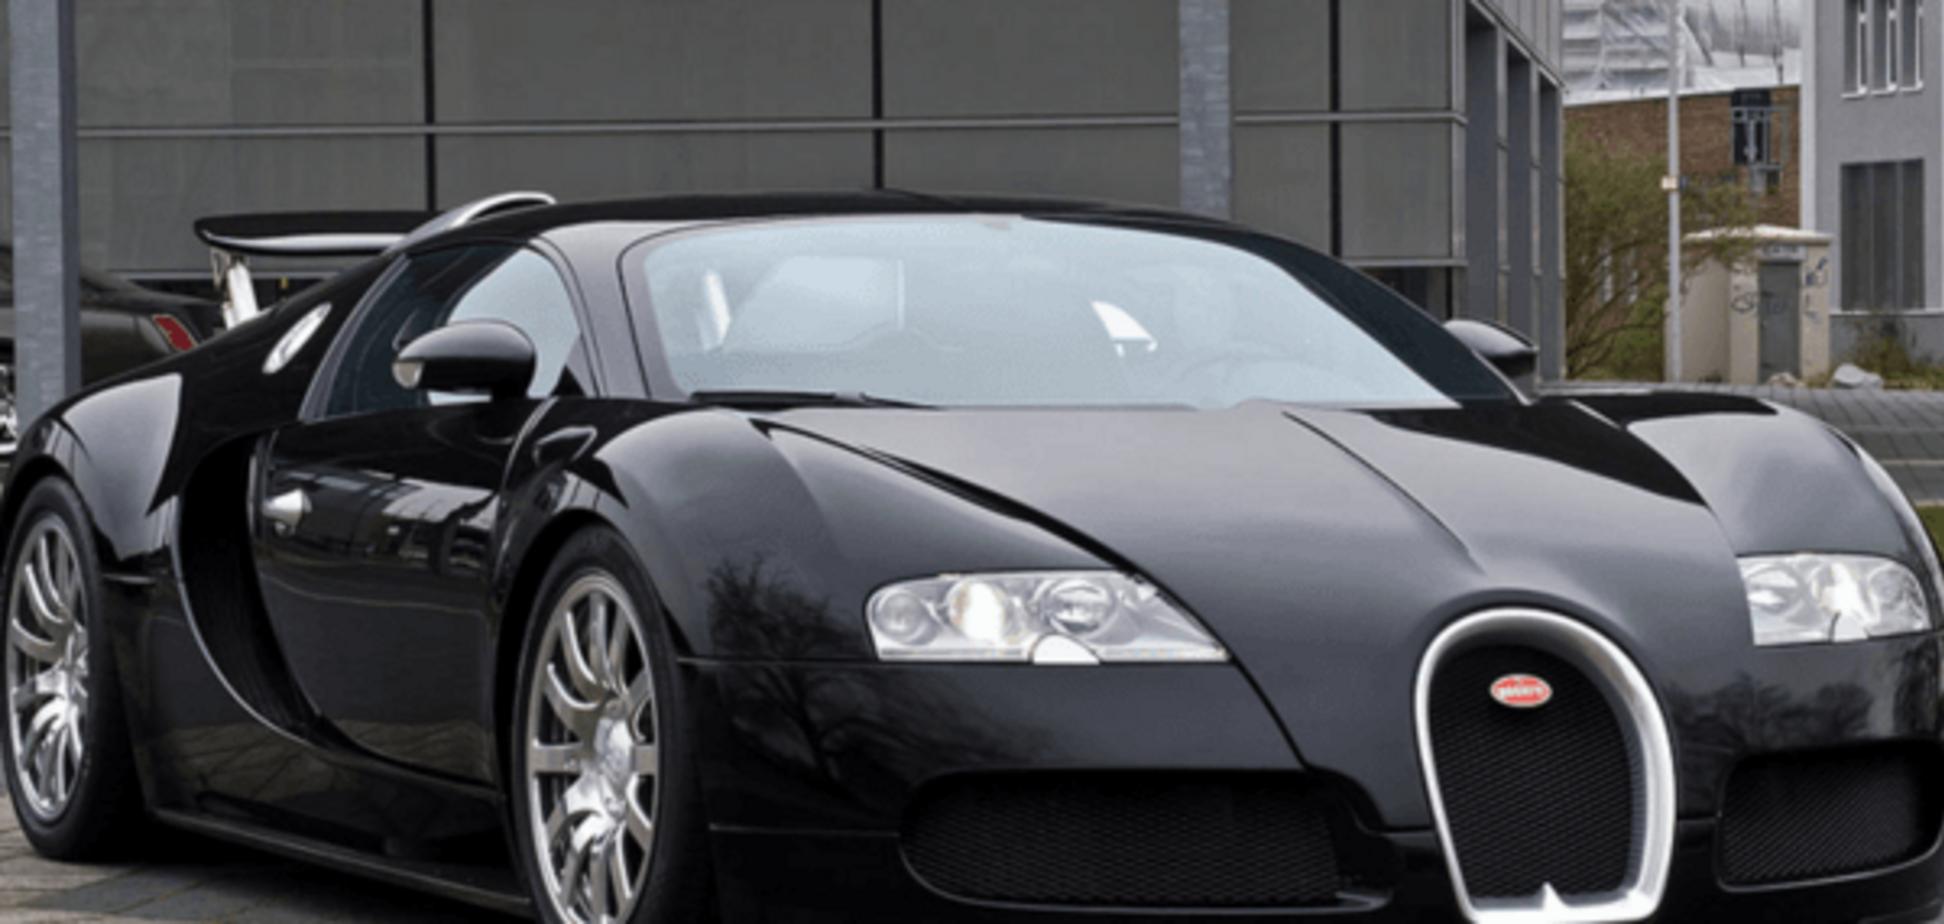 Bugatti і Rolls-Royce: ТОП-5 найдорожчих автомобілів в Україні